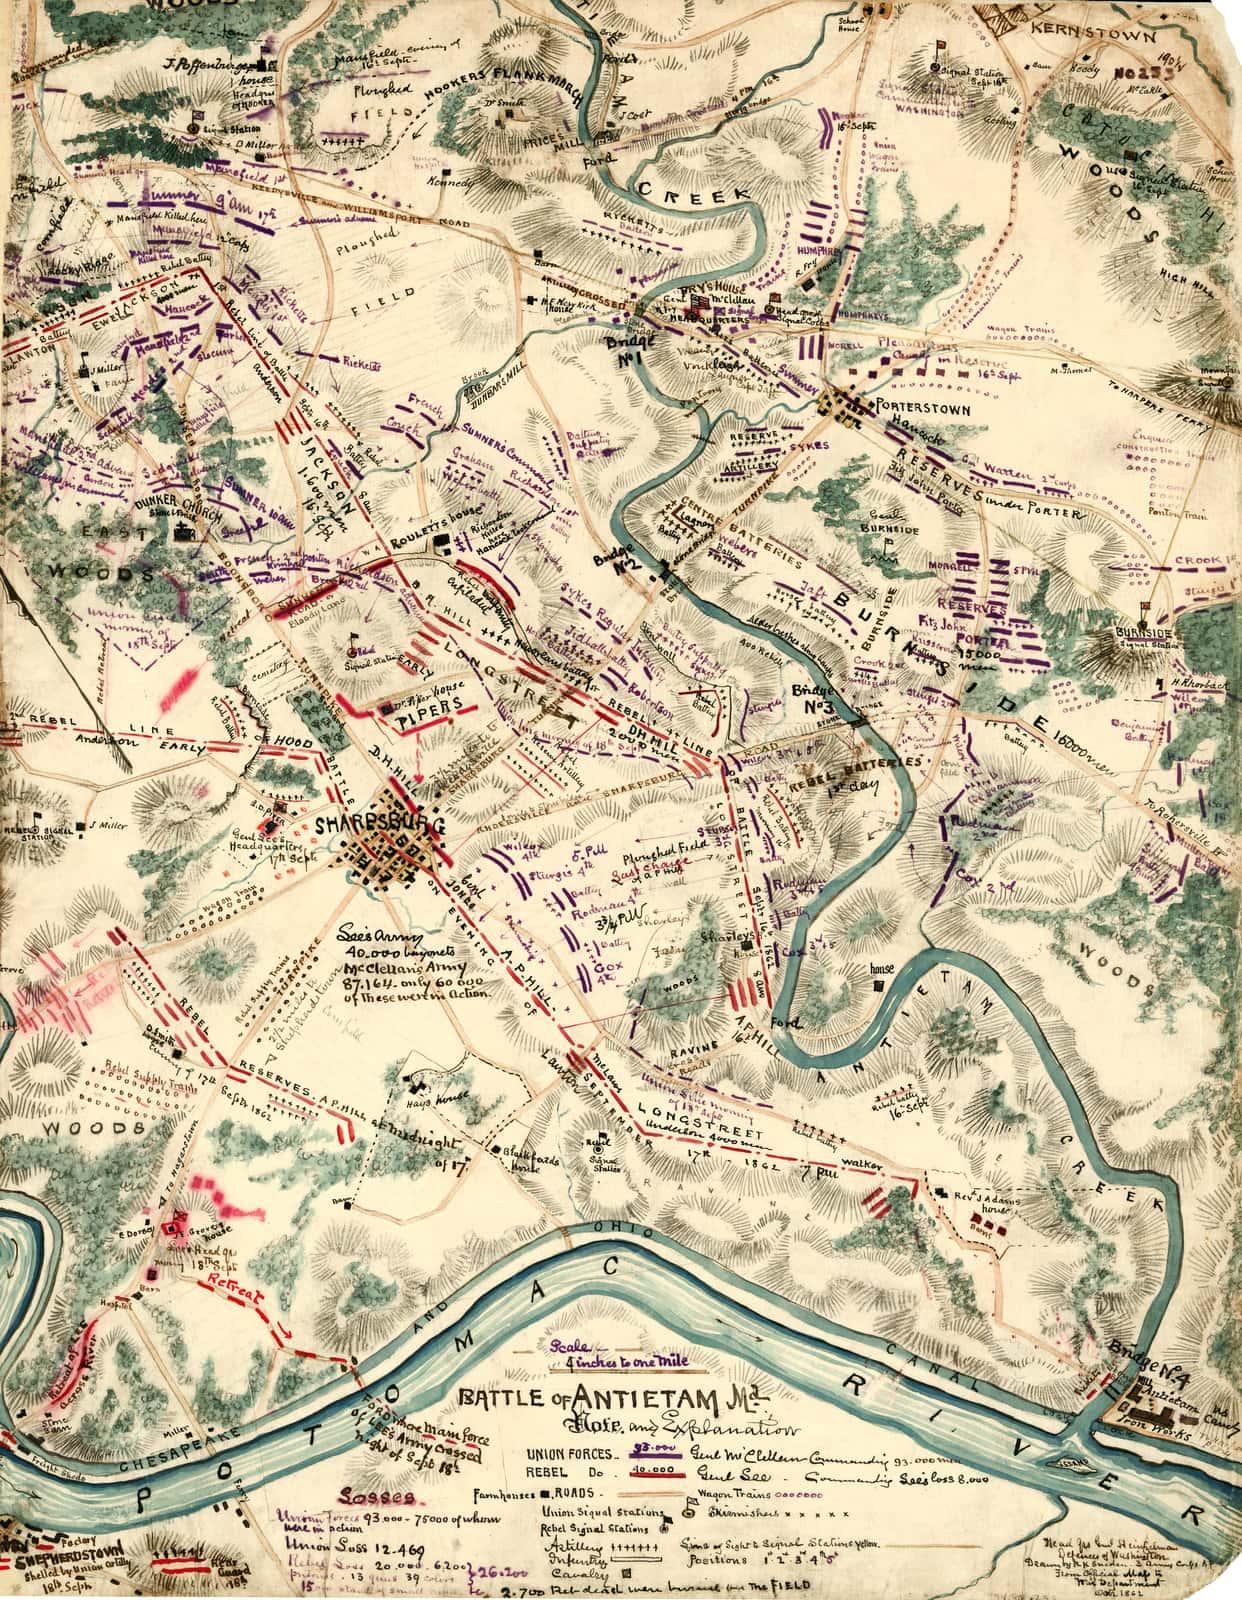 Hand drawn Battle of Antietam map - Sneden